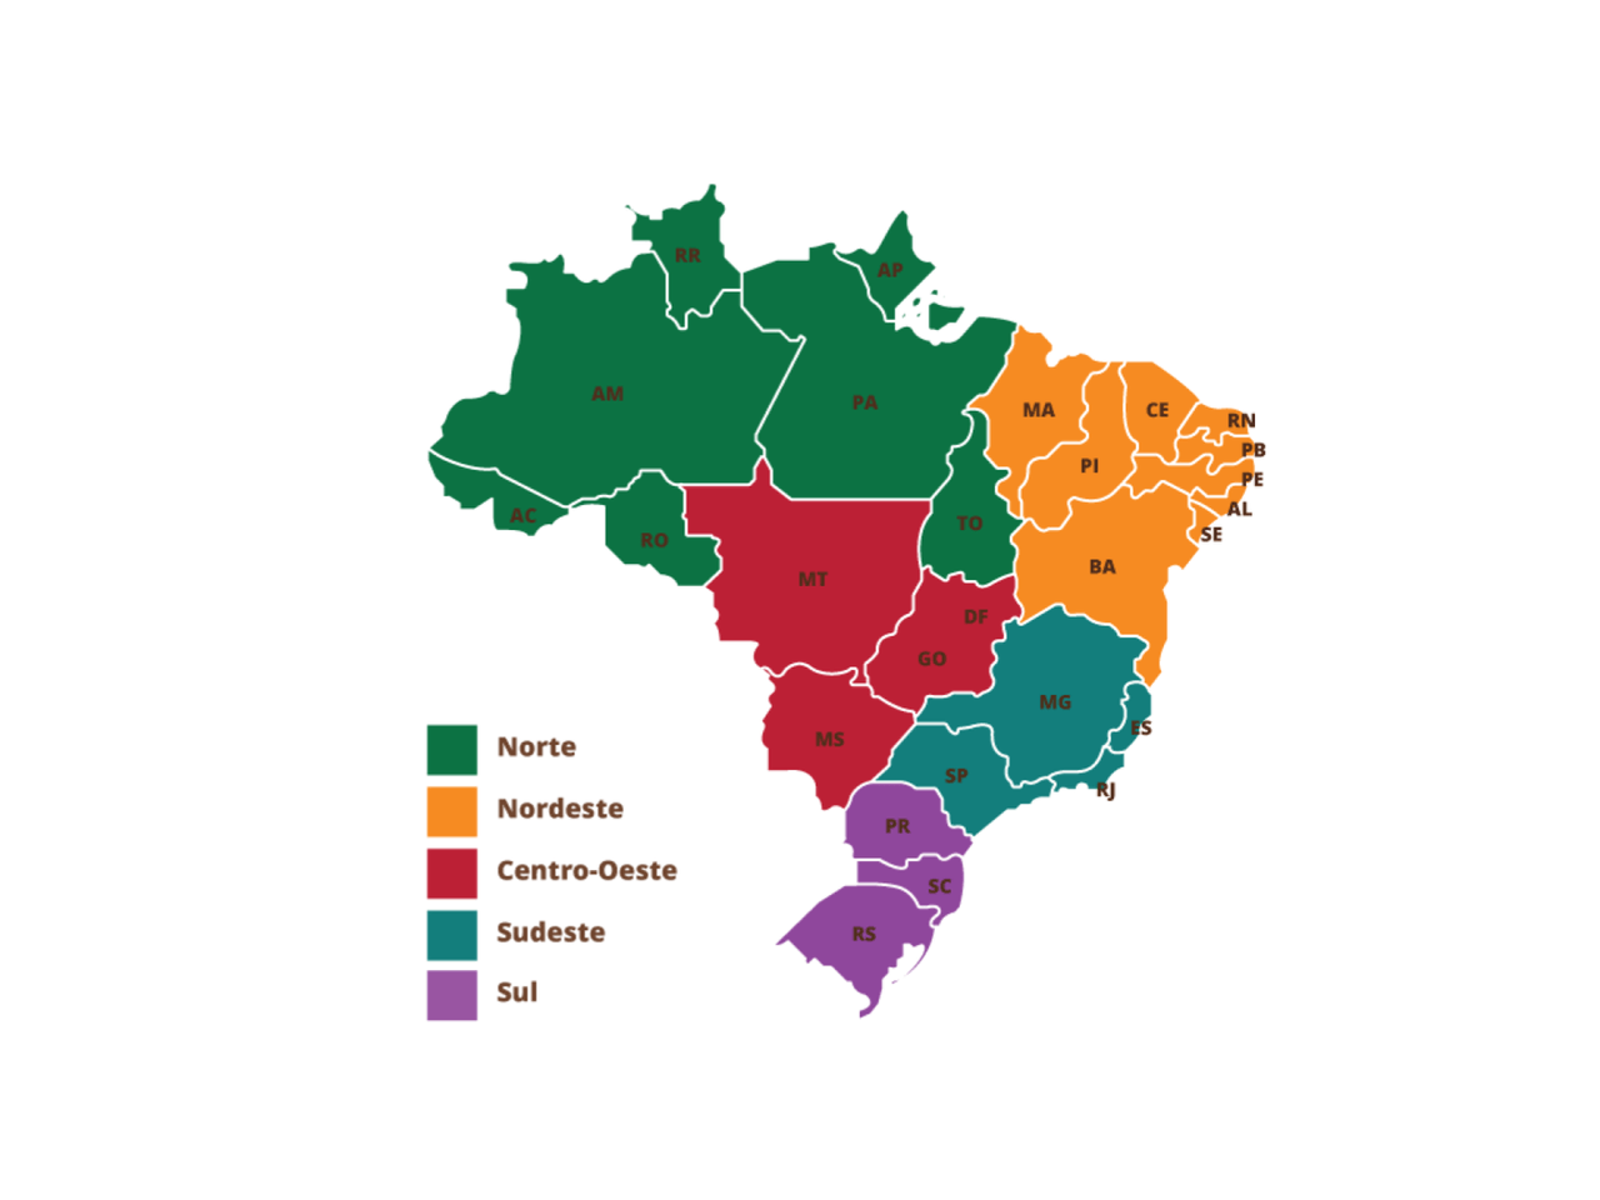 Condições de saúde nas regiões Sudeste, Sul e Centro-Oeste do Brasil